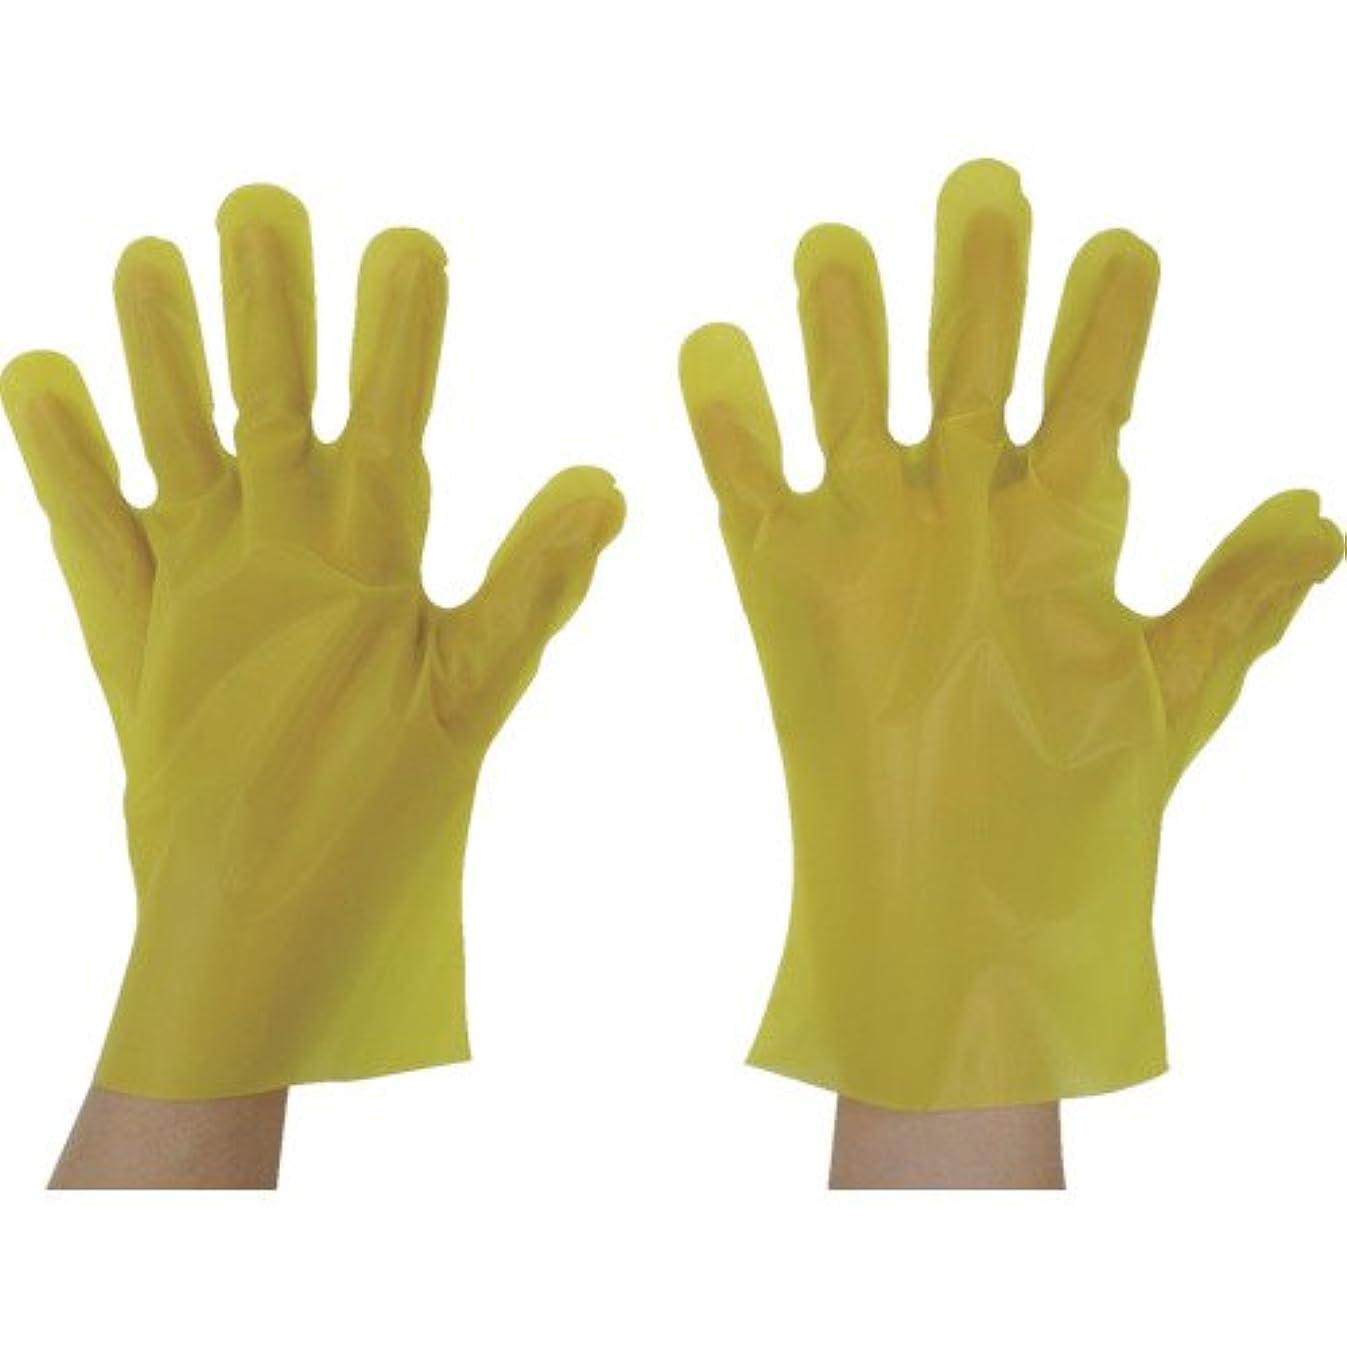 ライオネルグリーンストリート風邪をひく満了東京パック エンボス手袋五本絞りエコノミー化粧箱M イエロー(入数:200枚) YEK-M